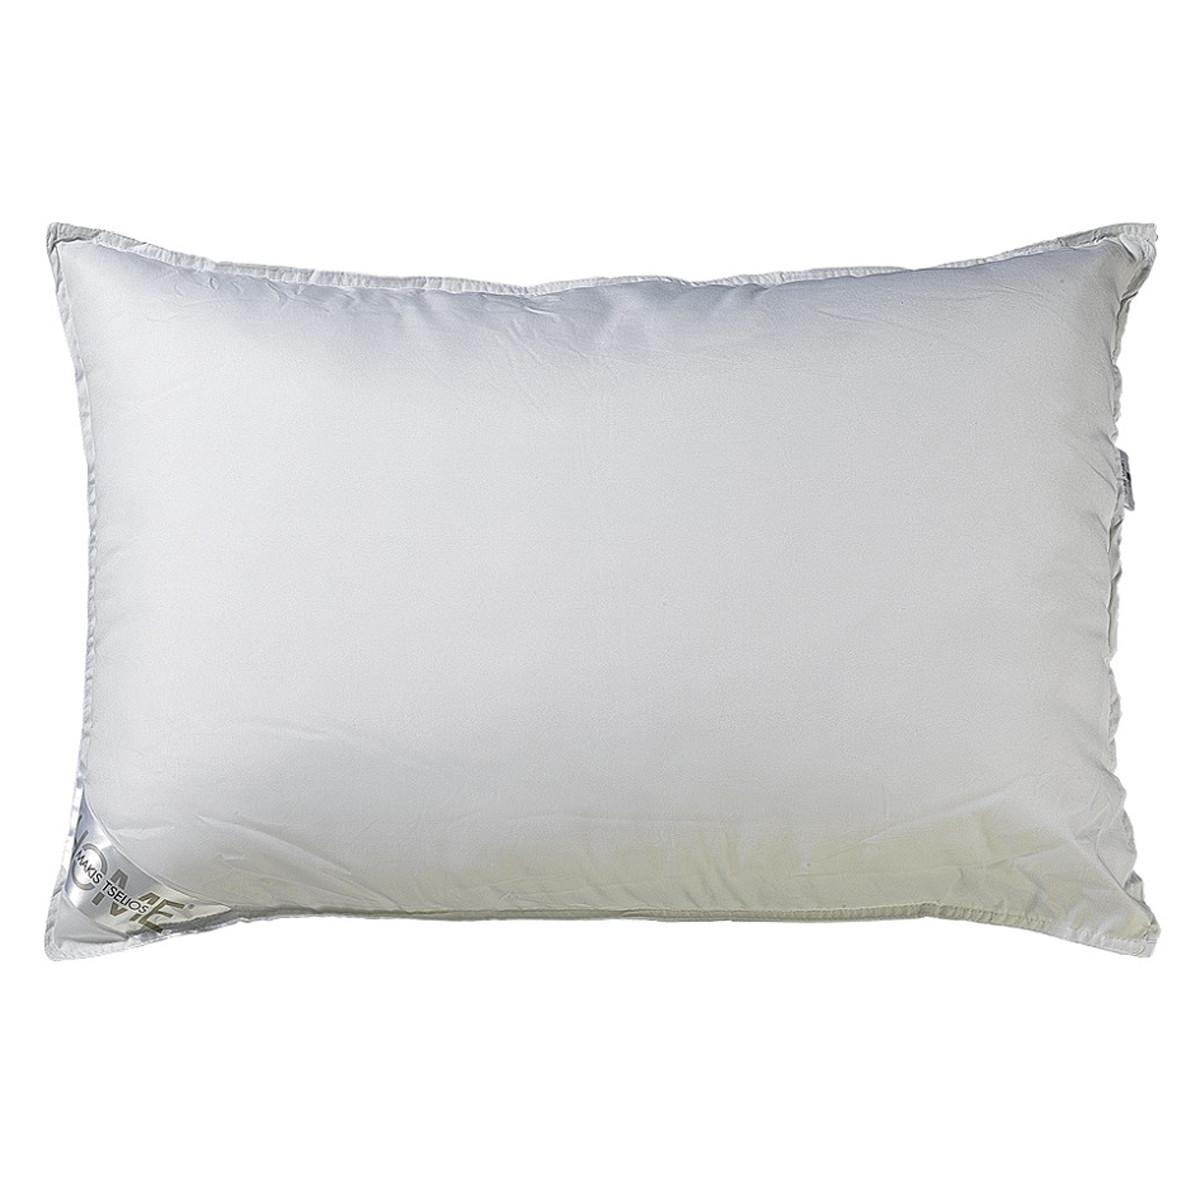 Μαξιλάρι Ύπνου Makis Tselios Fiber Lux